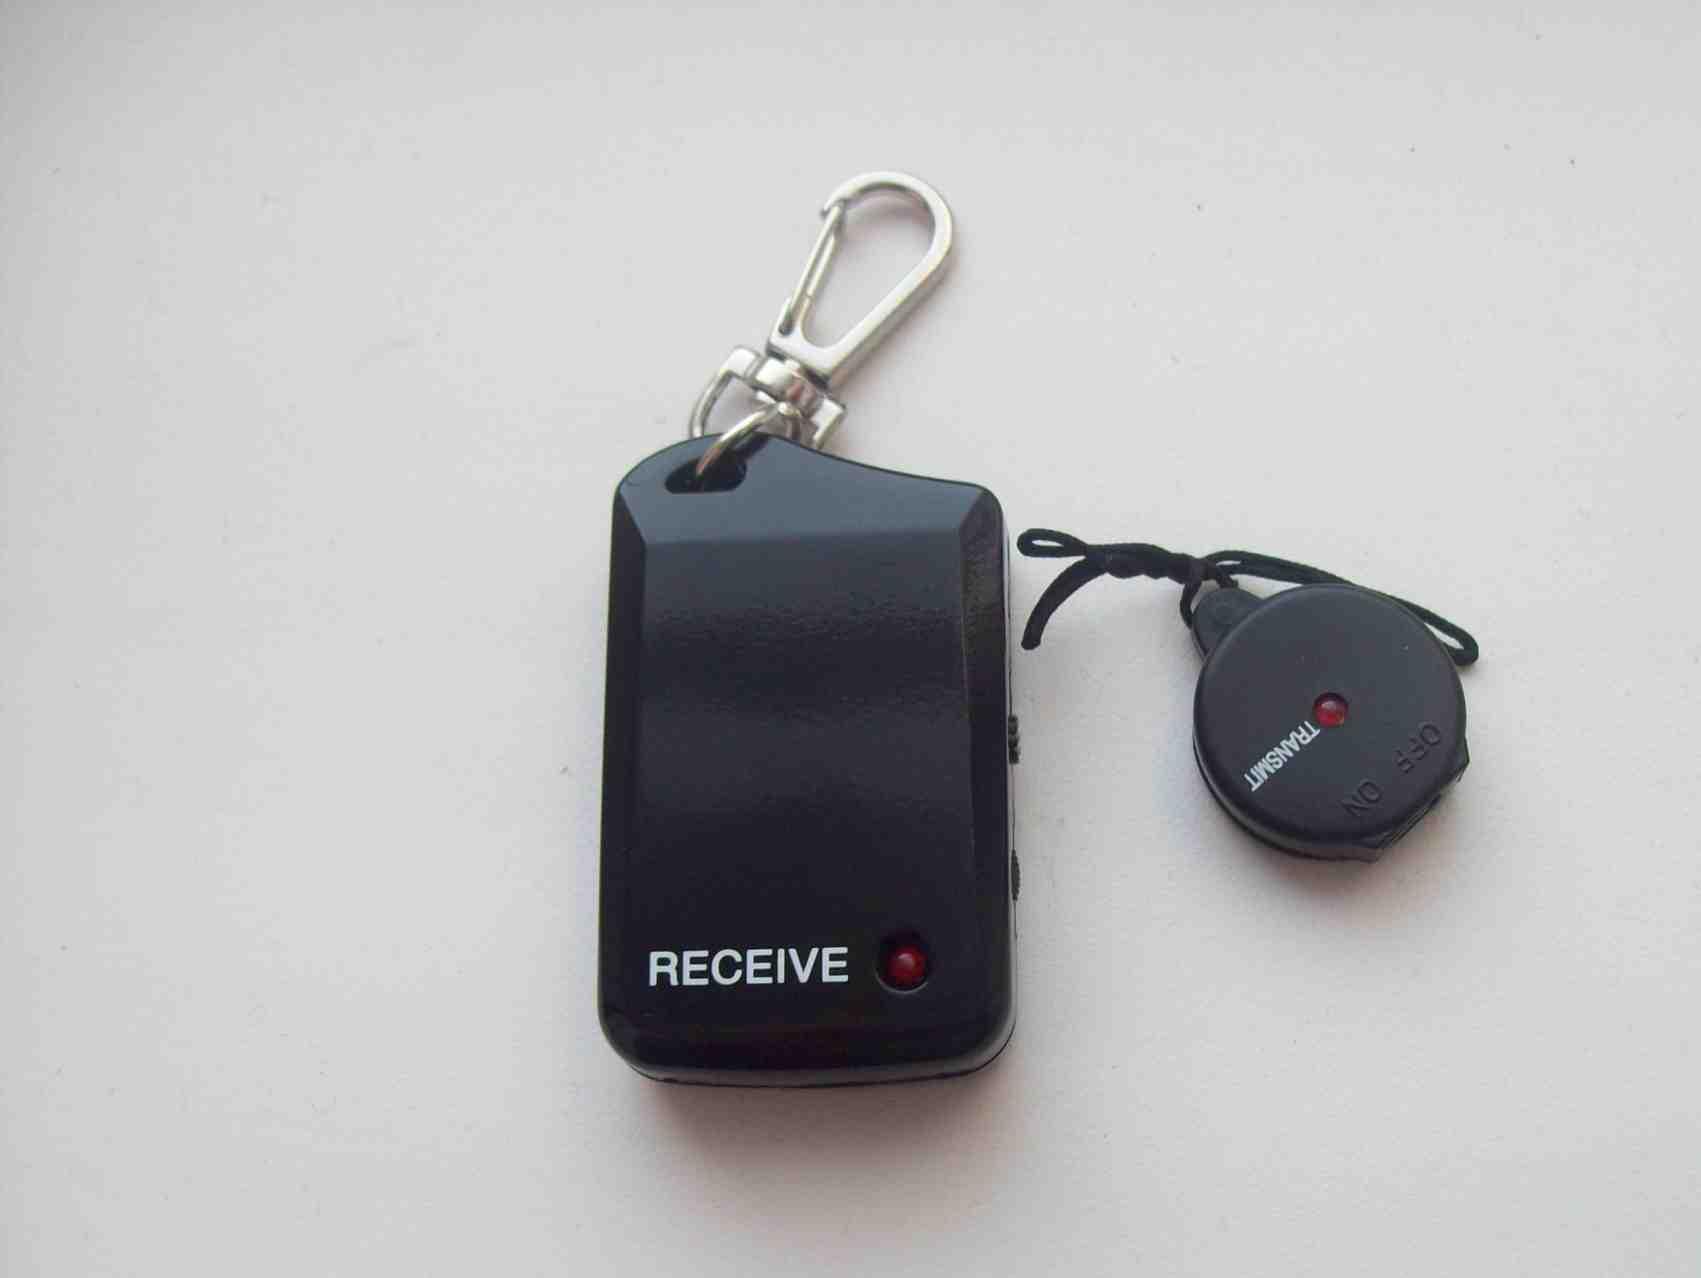 Пристрій проти втрат та крадіжок, зображення 1